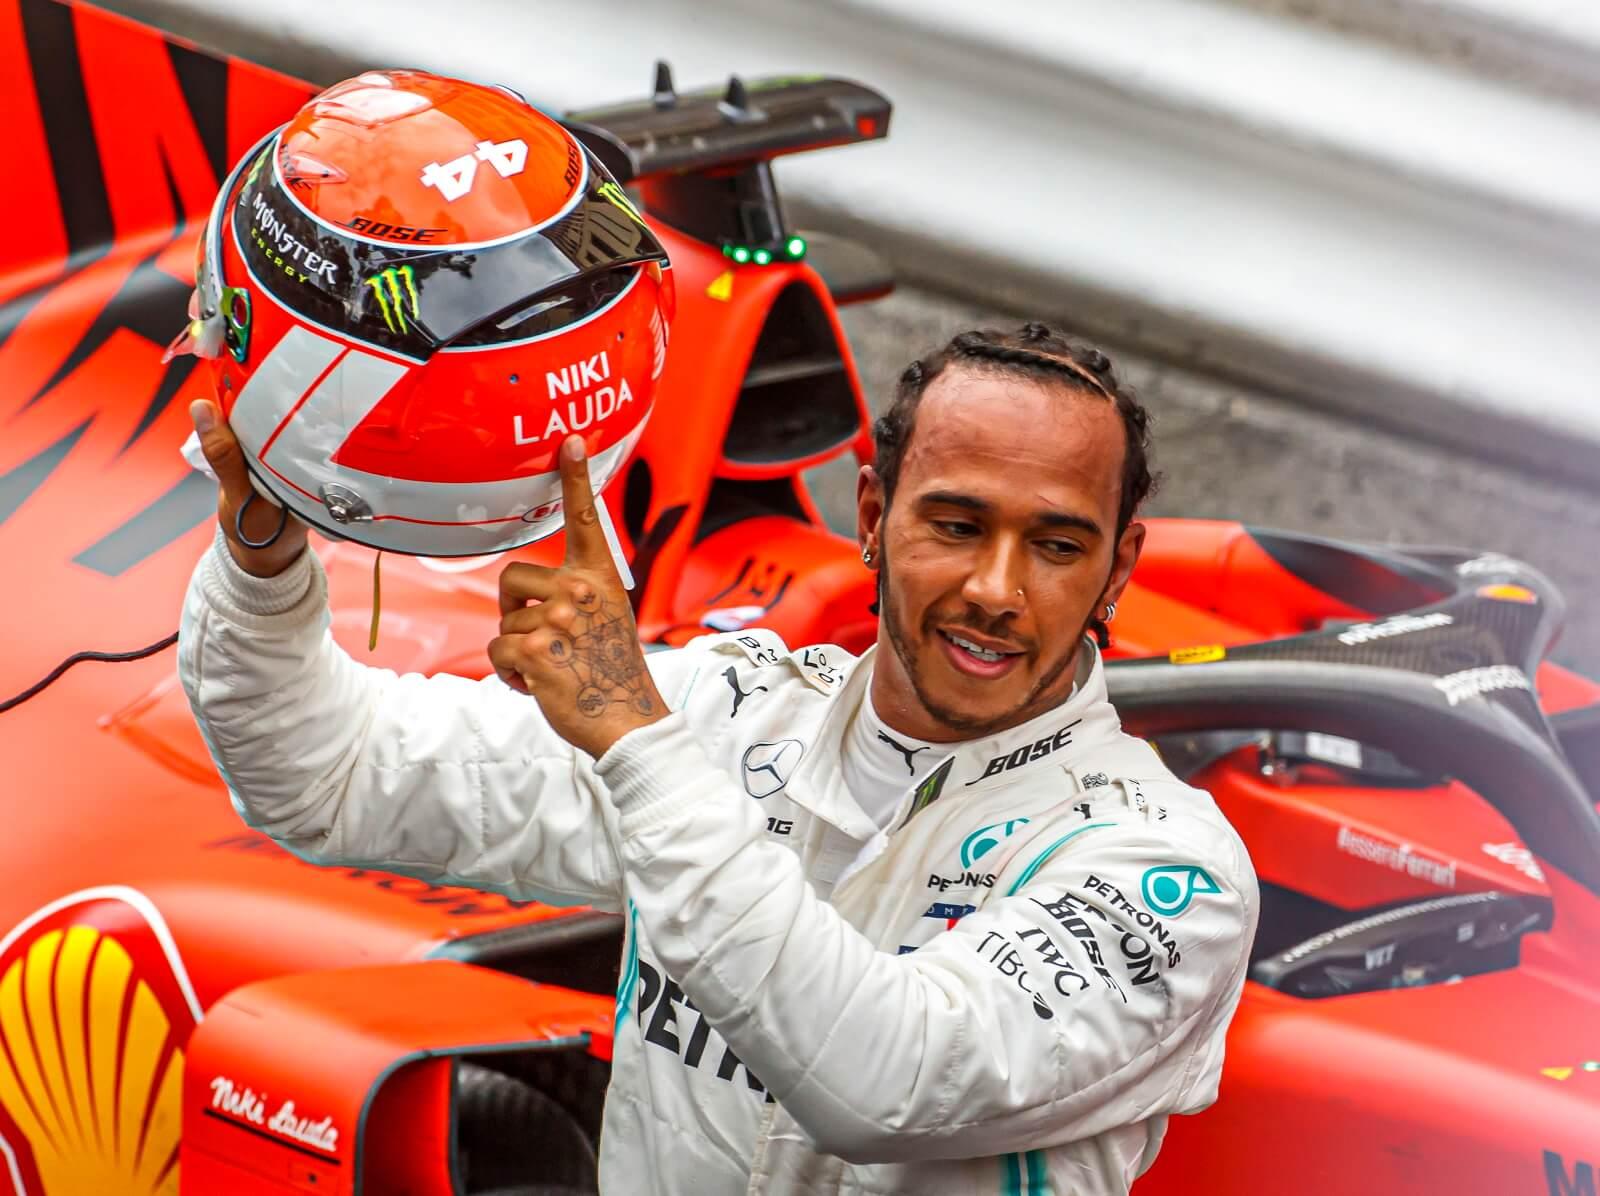 Lewis Hamilton po GP Monako fot. EPA/SRDJAN SUKI